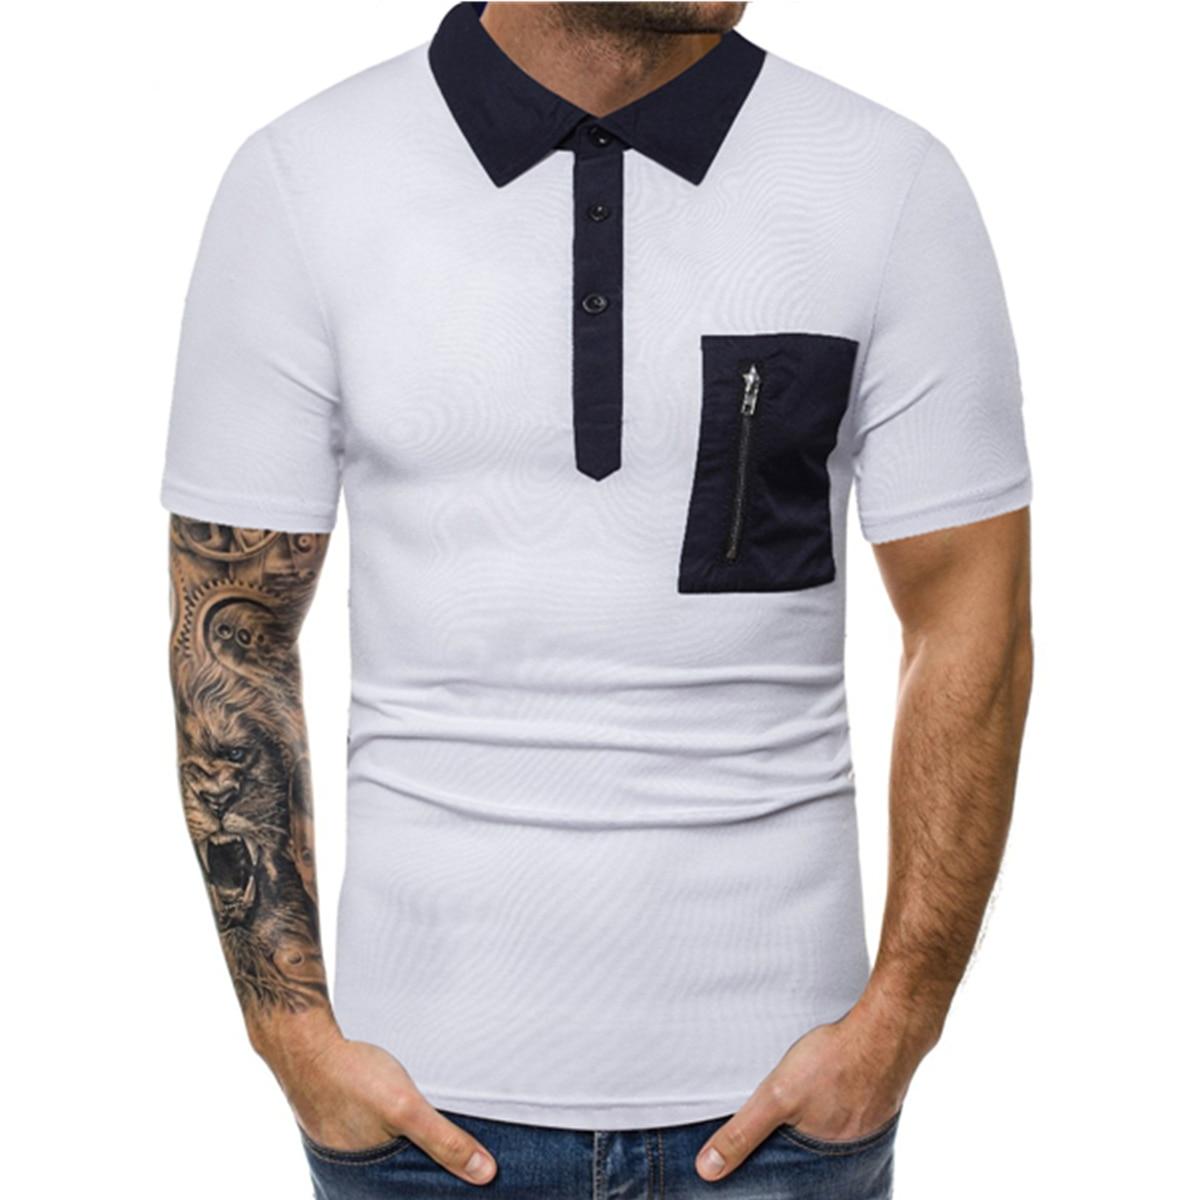 Mens Polo Shirts Summer Short Sleeve